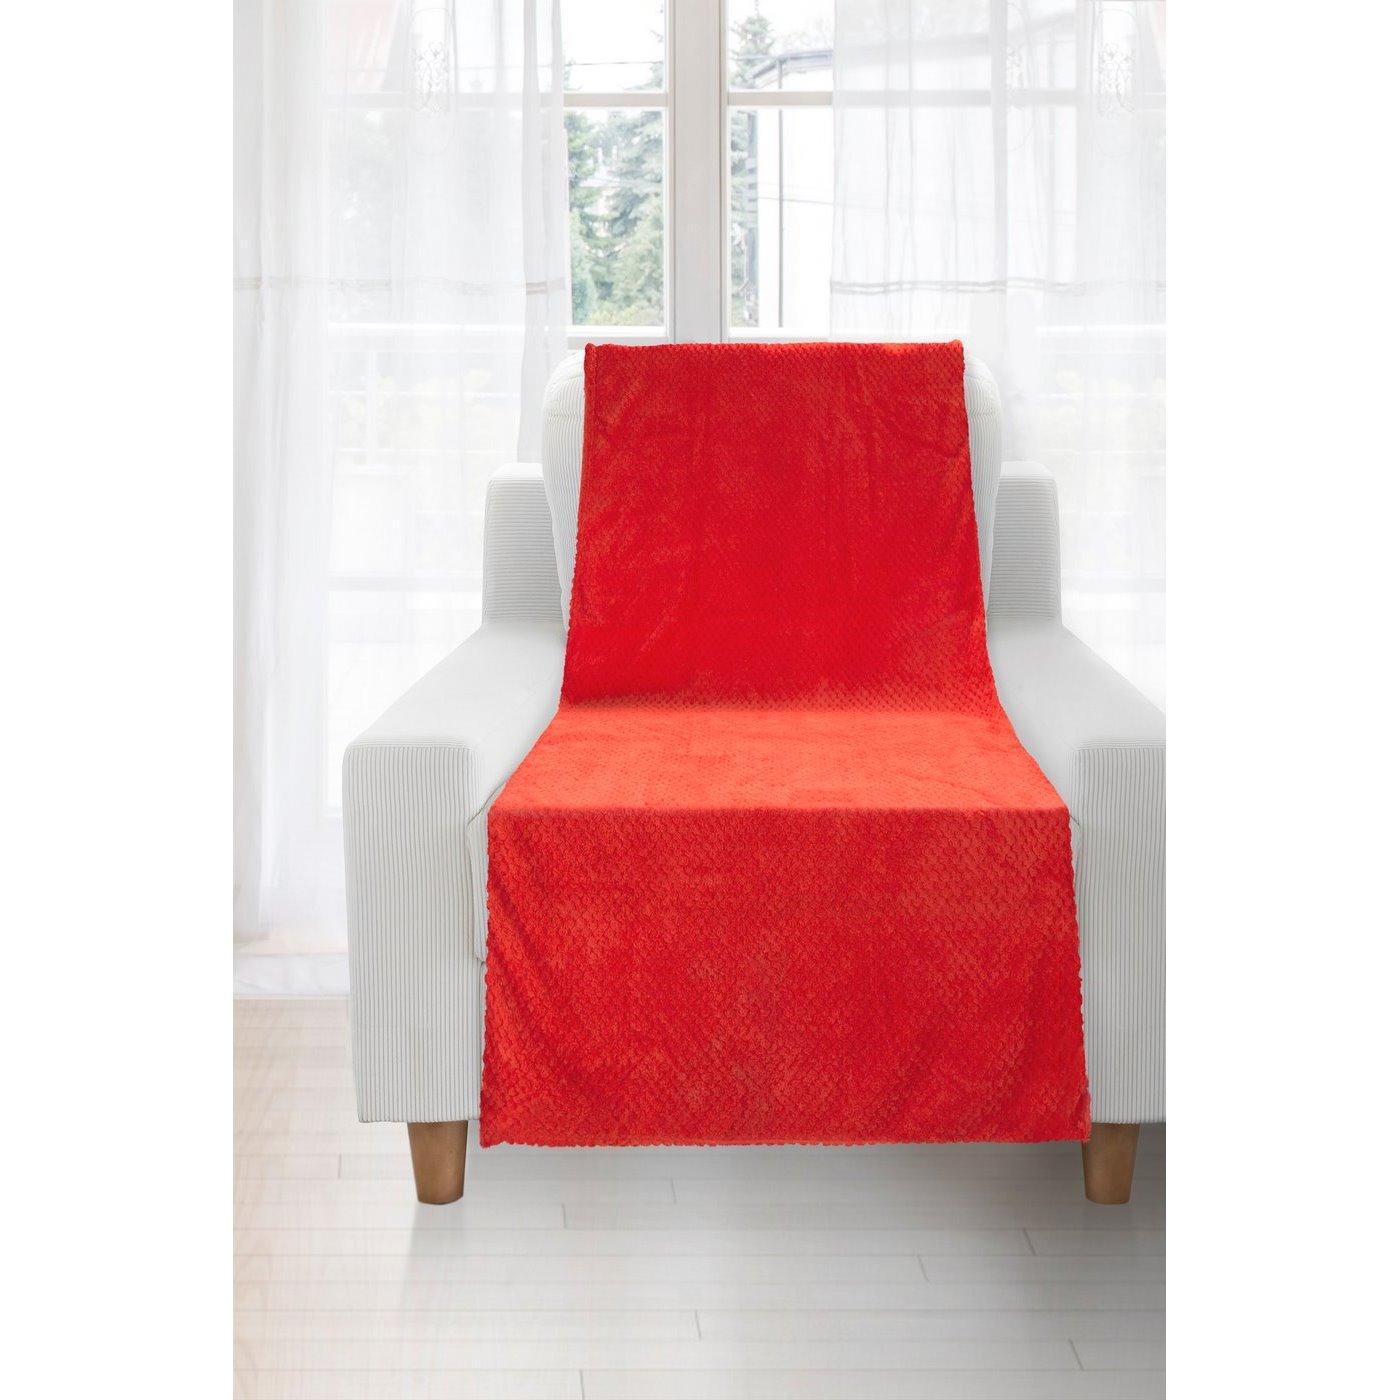 Koc miękki i puszysty jednokolorowy na fotel czerwony 70x140 cm